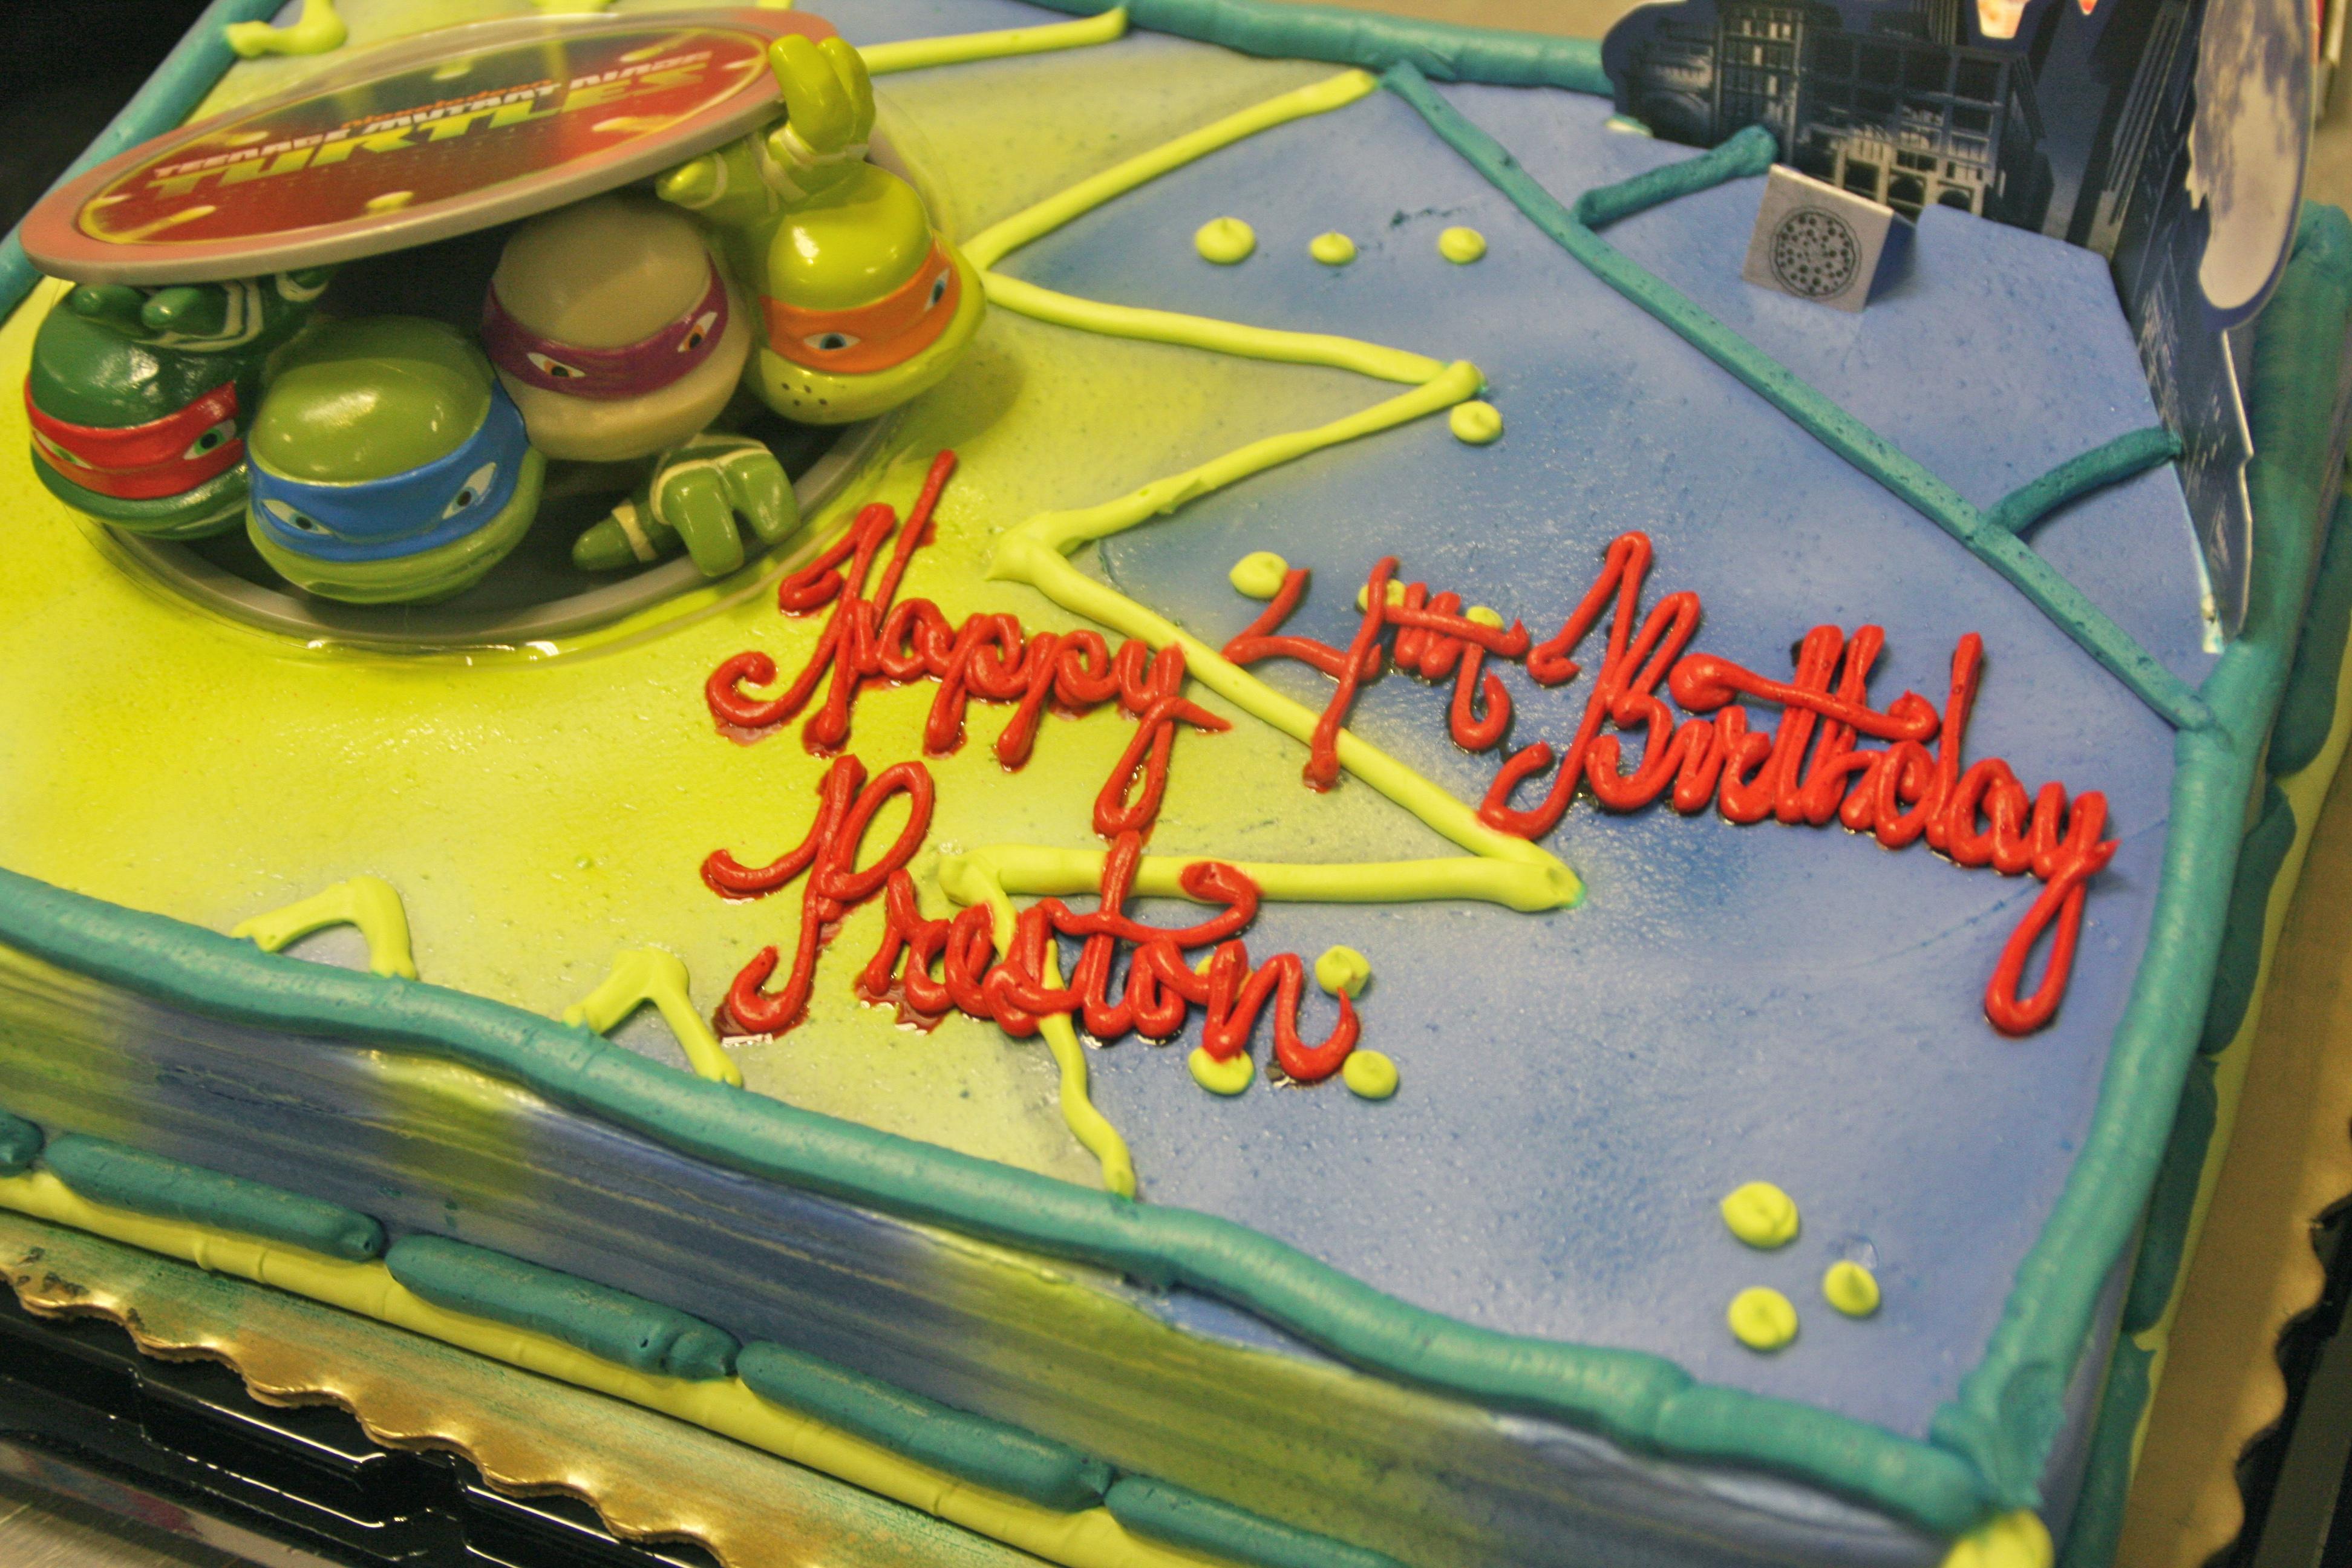 Preston S 4th Birthday The Brierfields